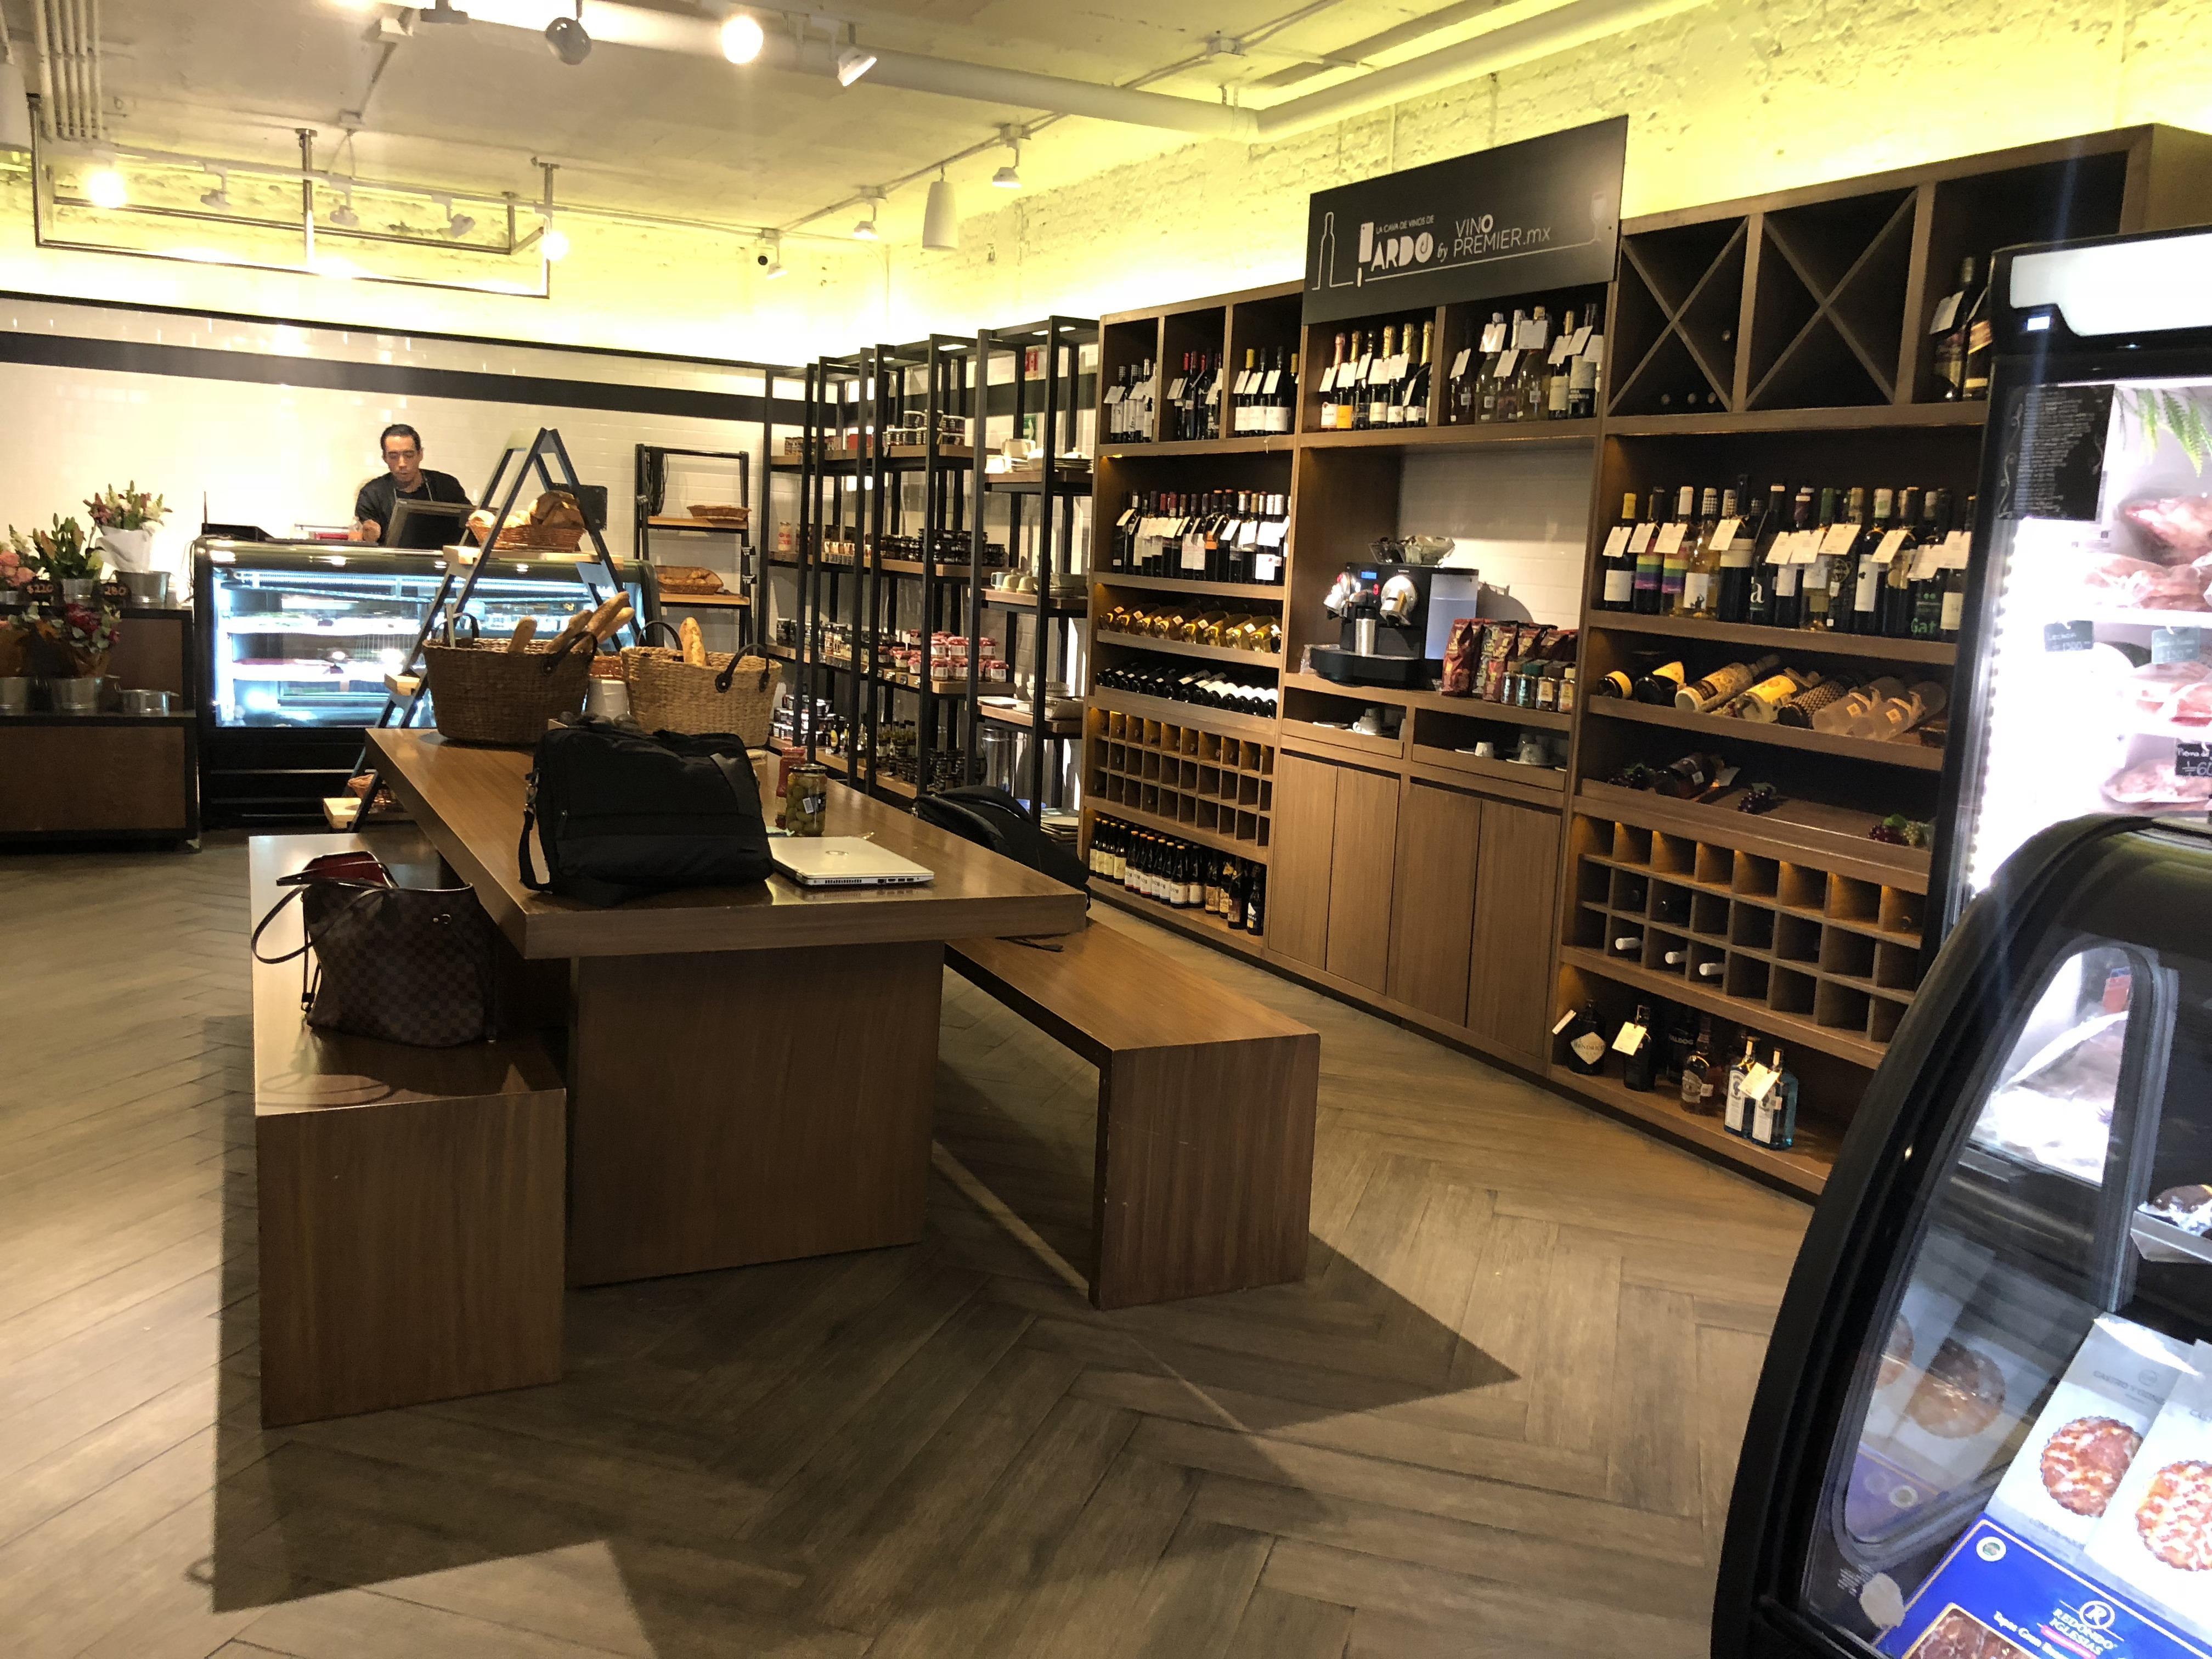 Pardo: La carnicería boutique en la CDMX que amarás por su excelente calidad y servicio (al mejor precio)